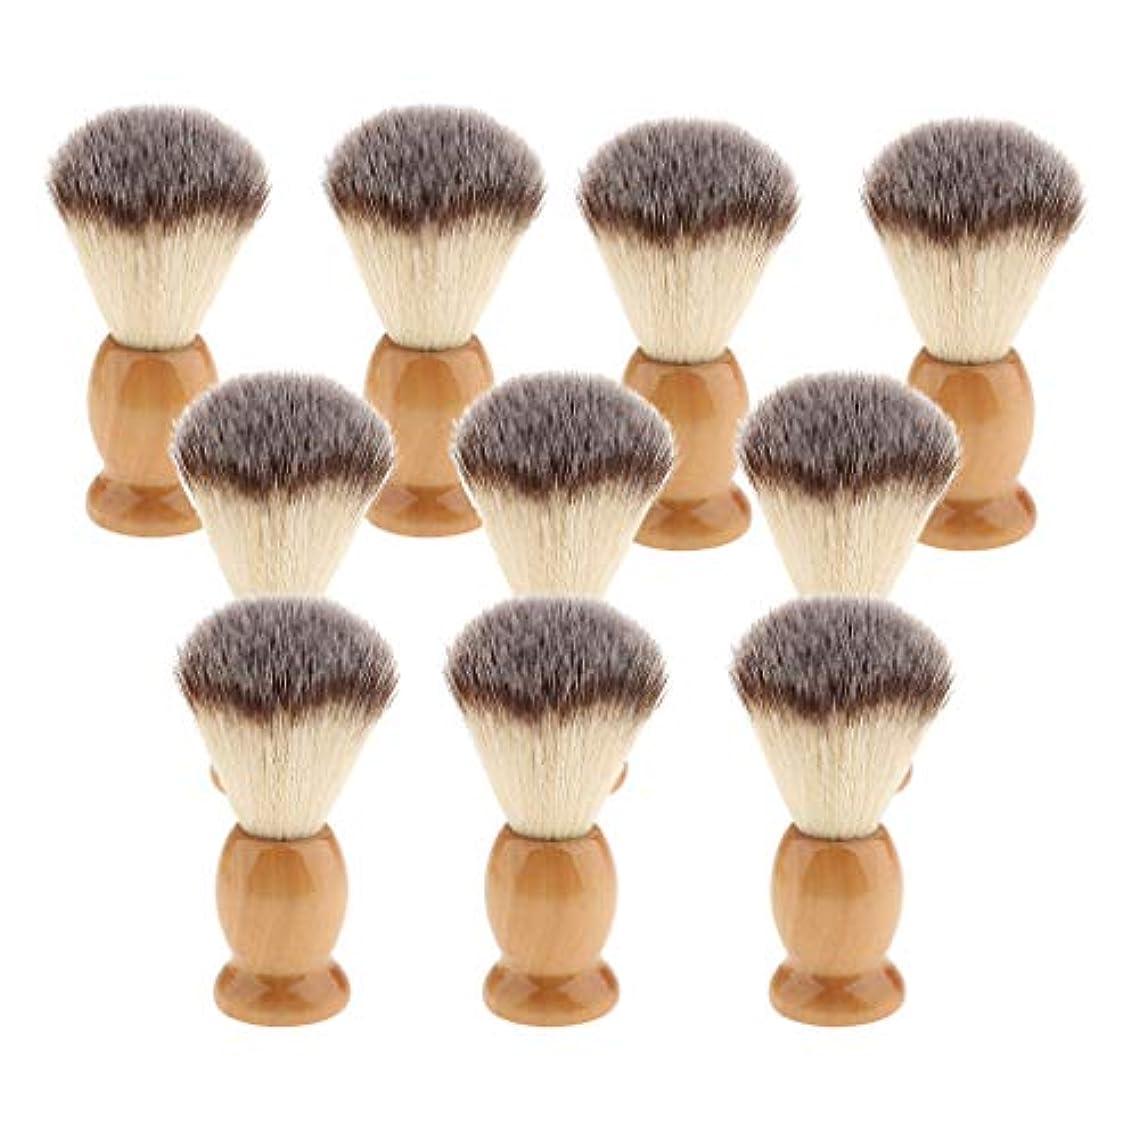 擁する半球歩く10個 シェービングブラシ 男性 ひげ 口ひげ グルーミング シェービングツール 髭剃り